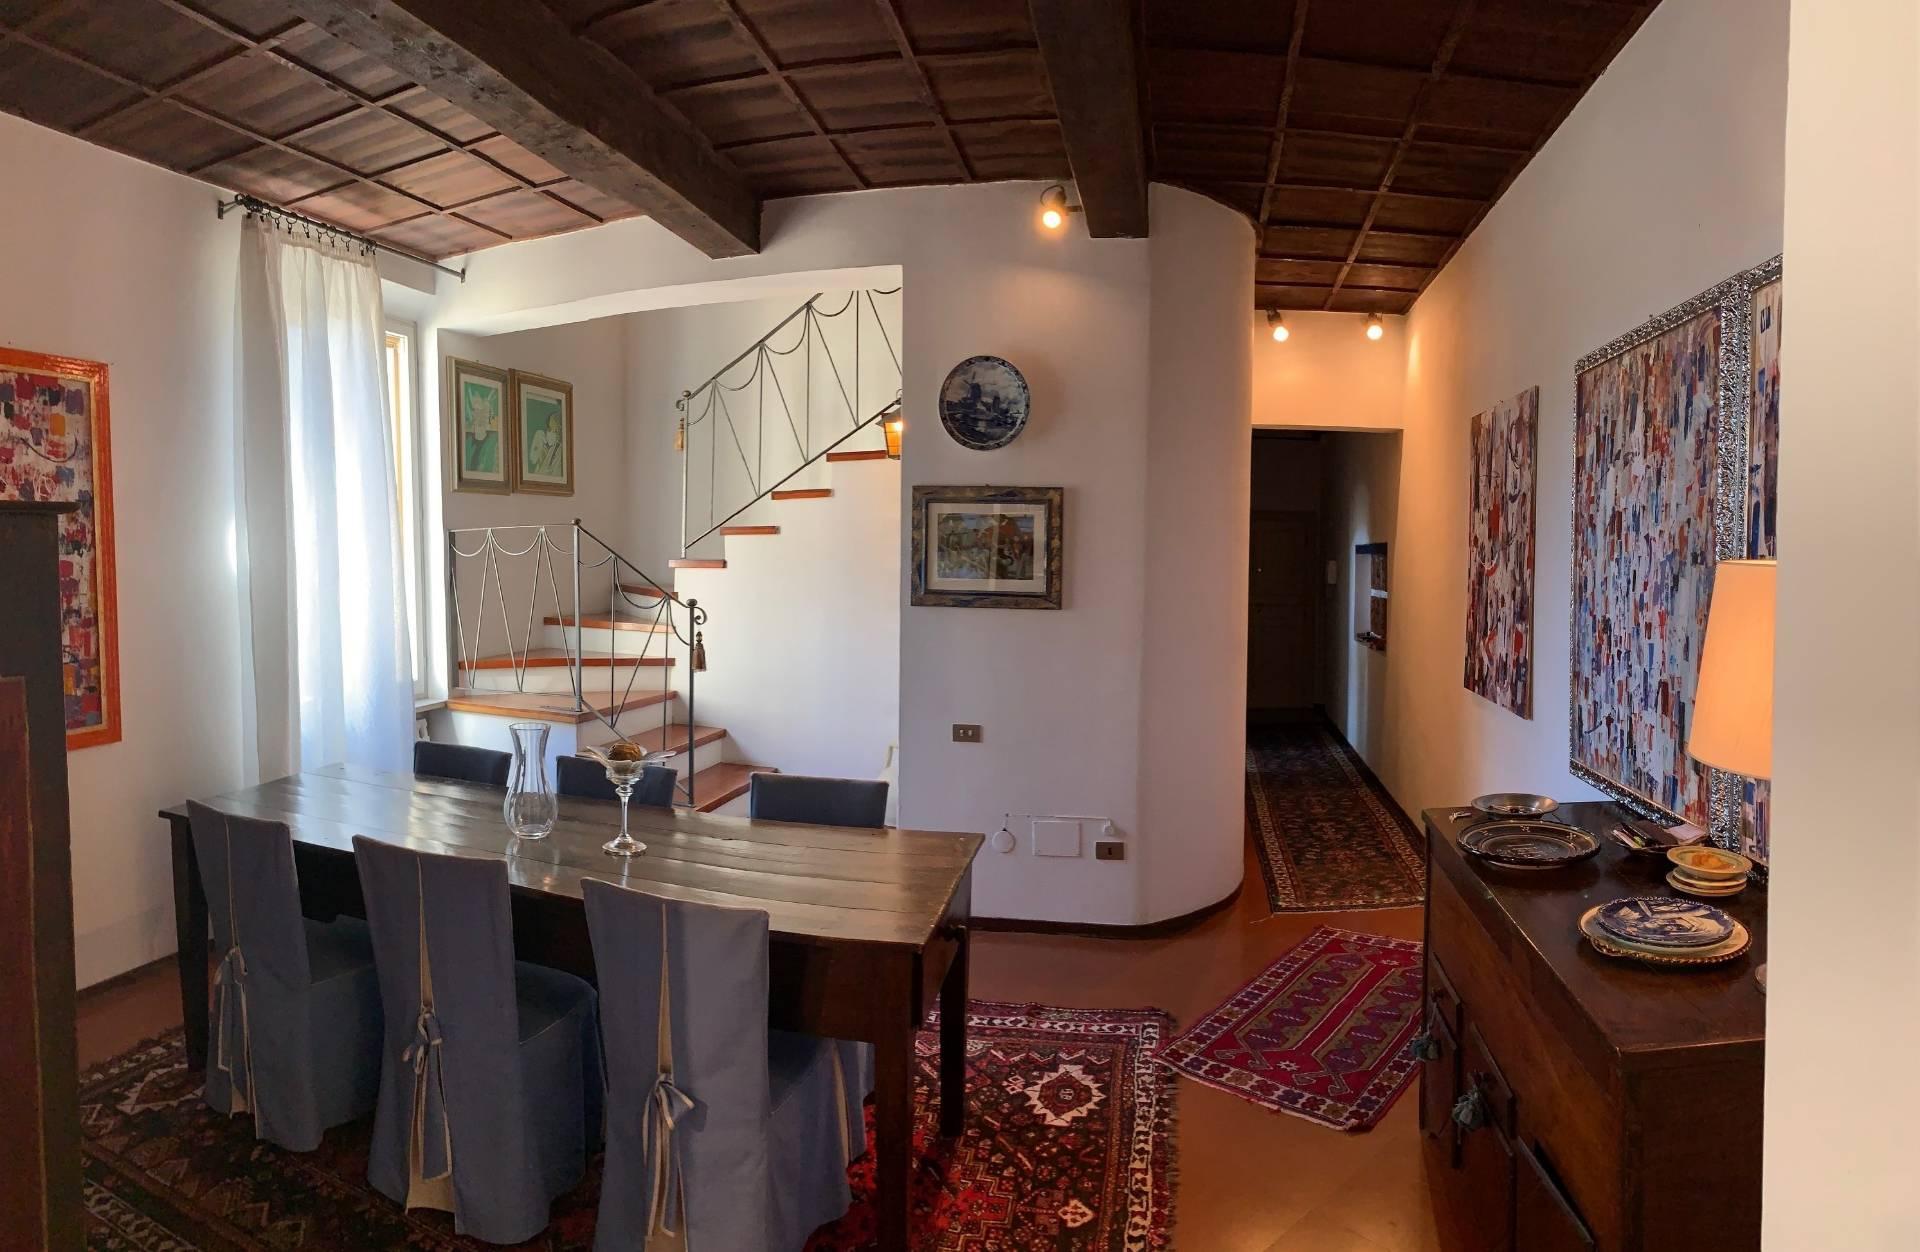 Foto 1 di Appartamento Via Venti Settembre, Ferrara